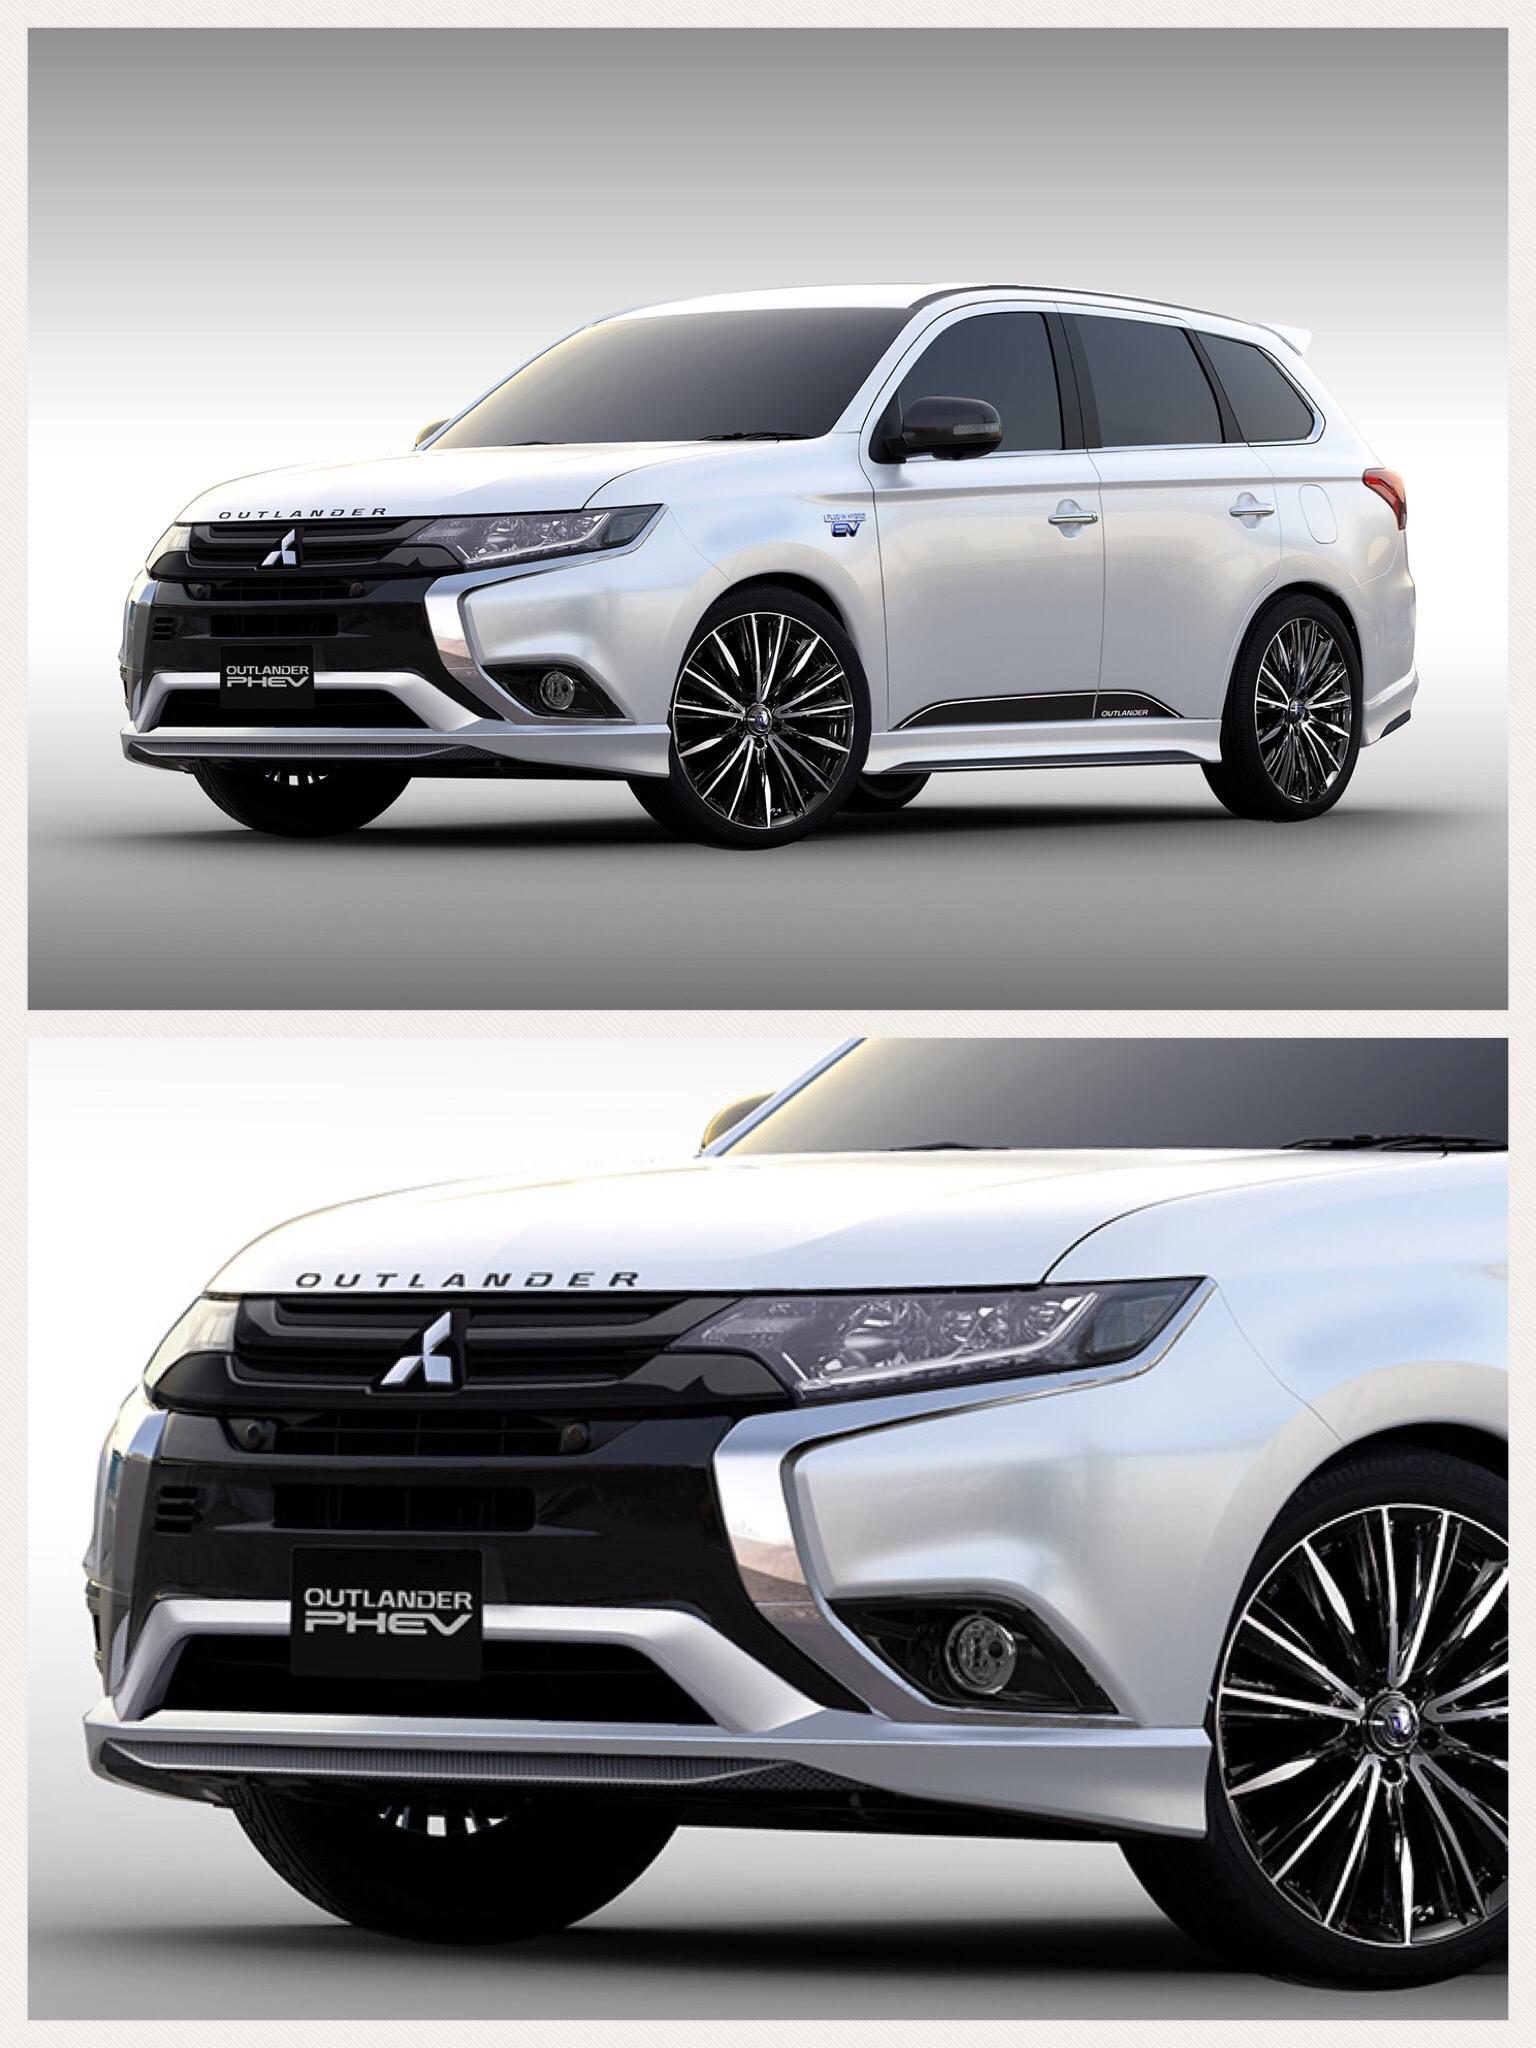 アウトランダーPHEV プレミアムスポーツコンセプト Mitsubishi outlanderphev premium sports consept